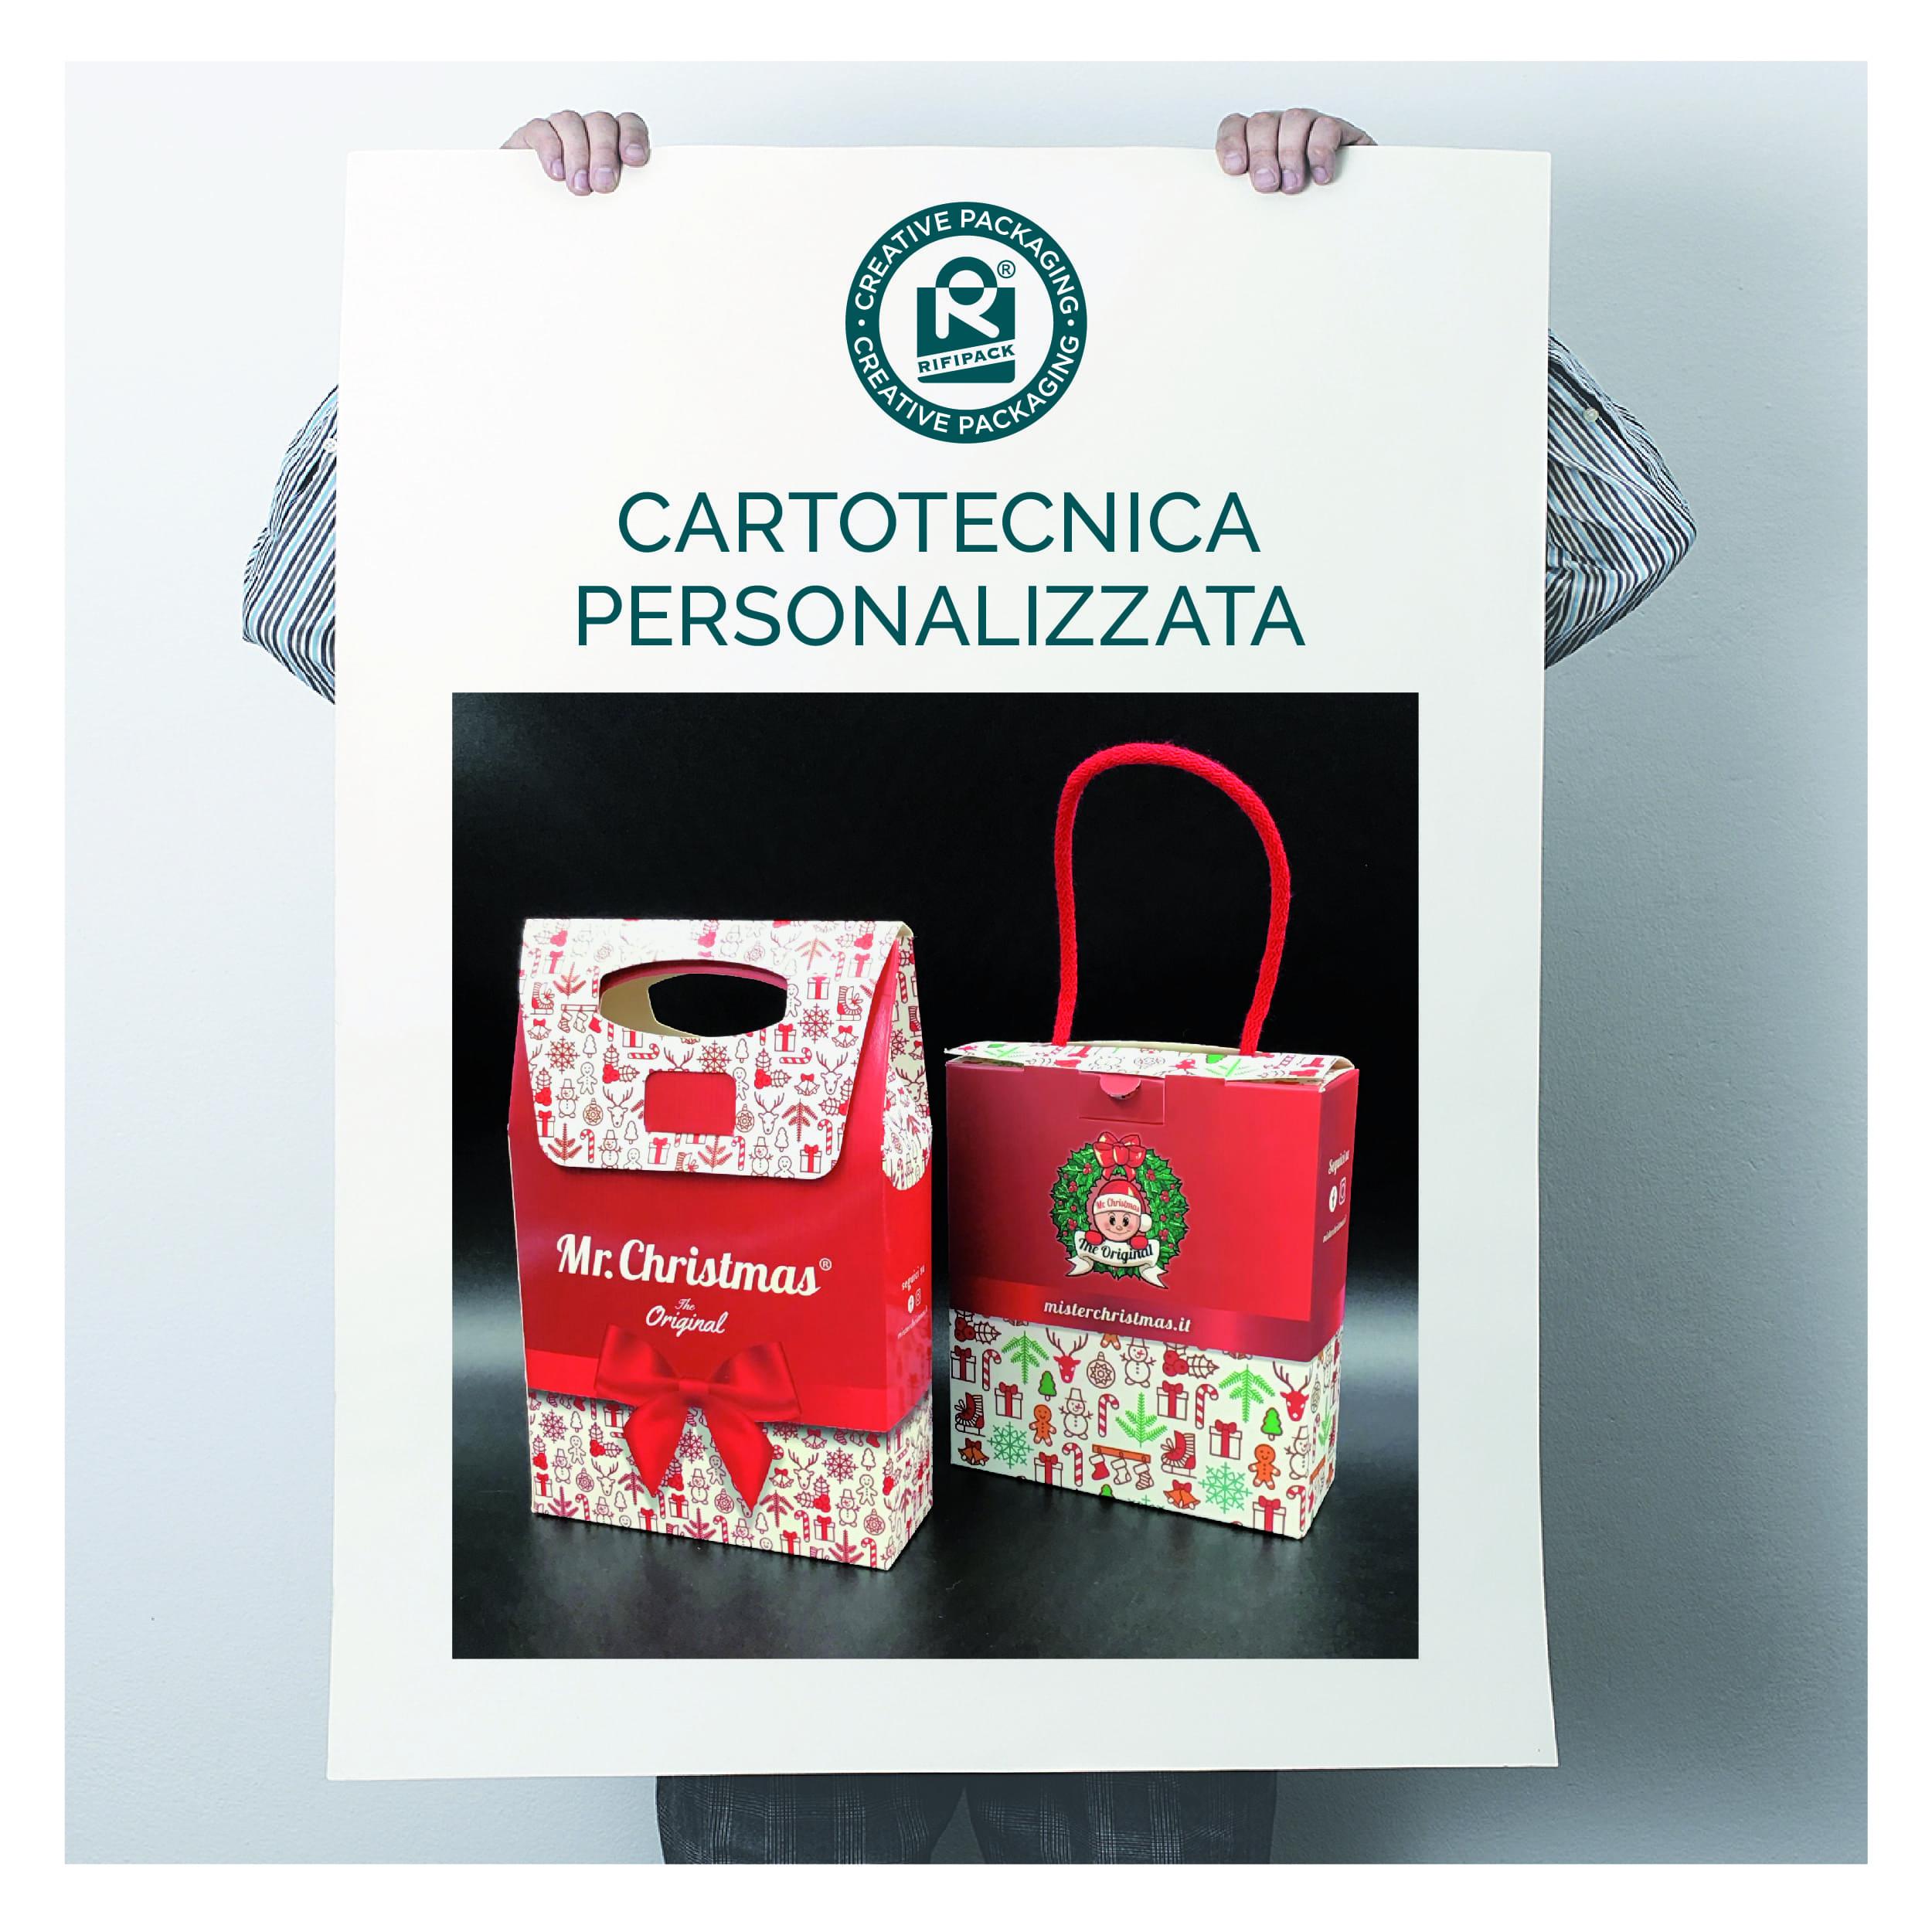 rifipack made in italy cartotecnica personalizzata natale